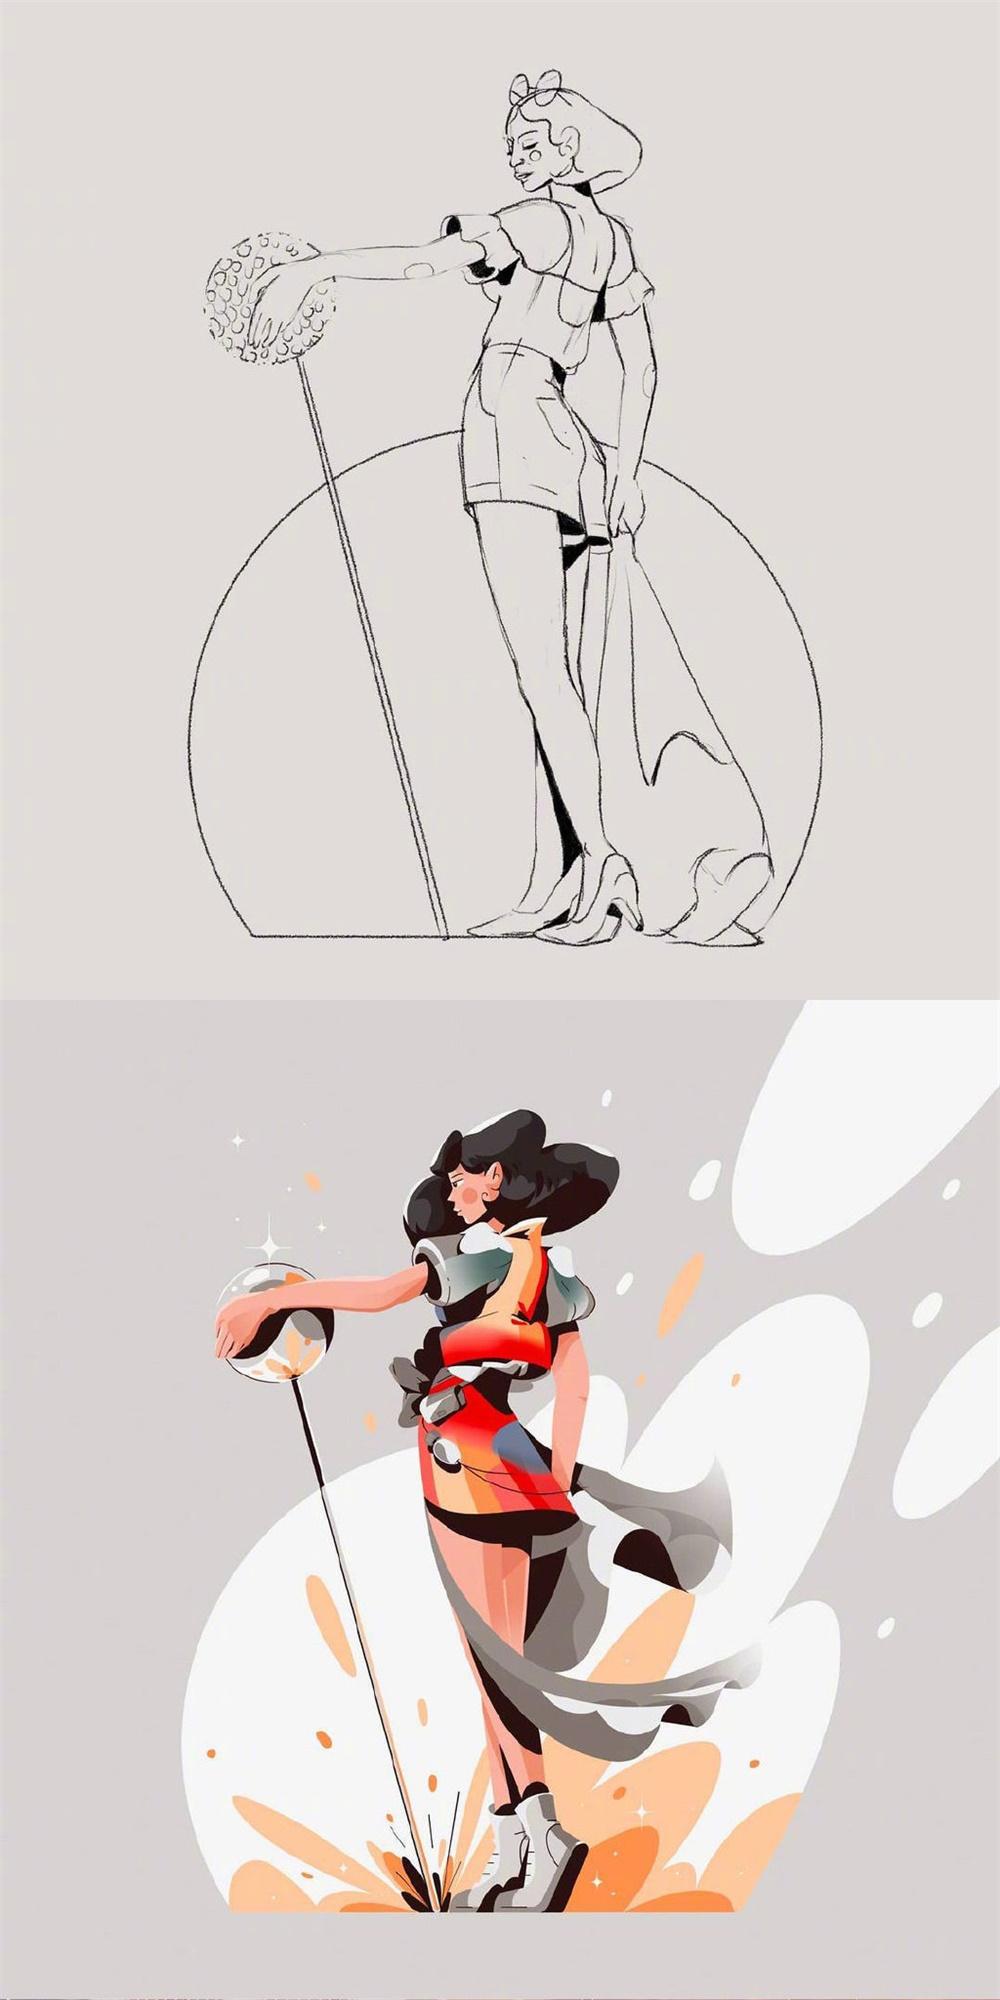 插画师 Nuria Boj 笔下的草稿和成稿